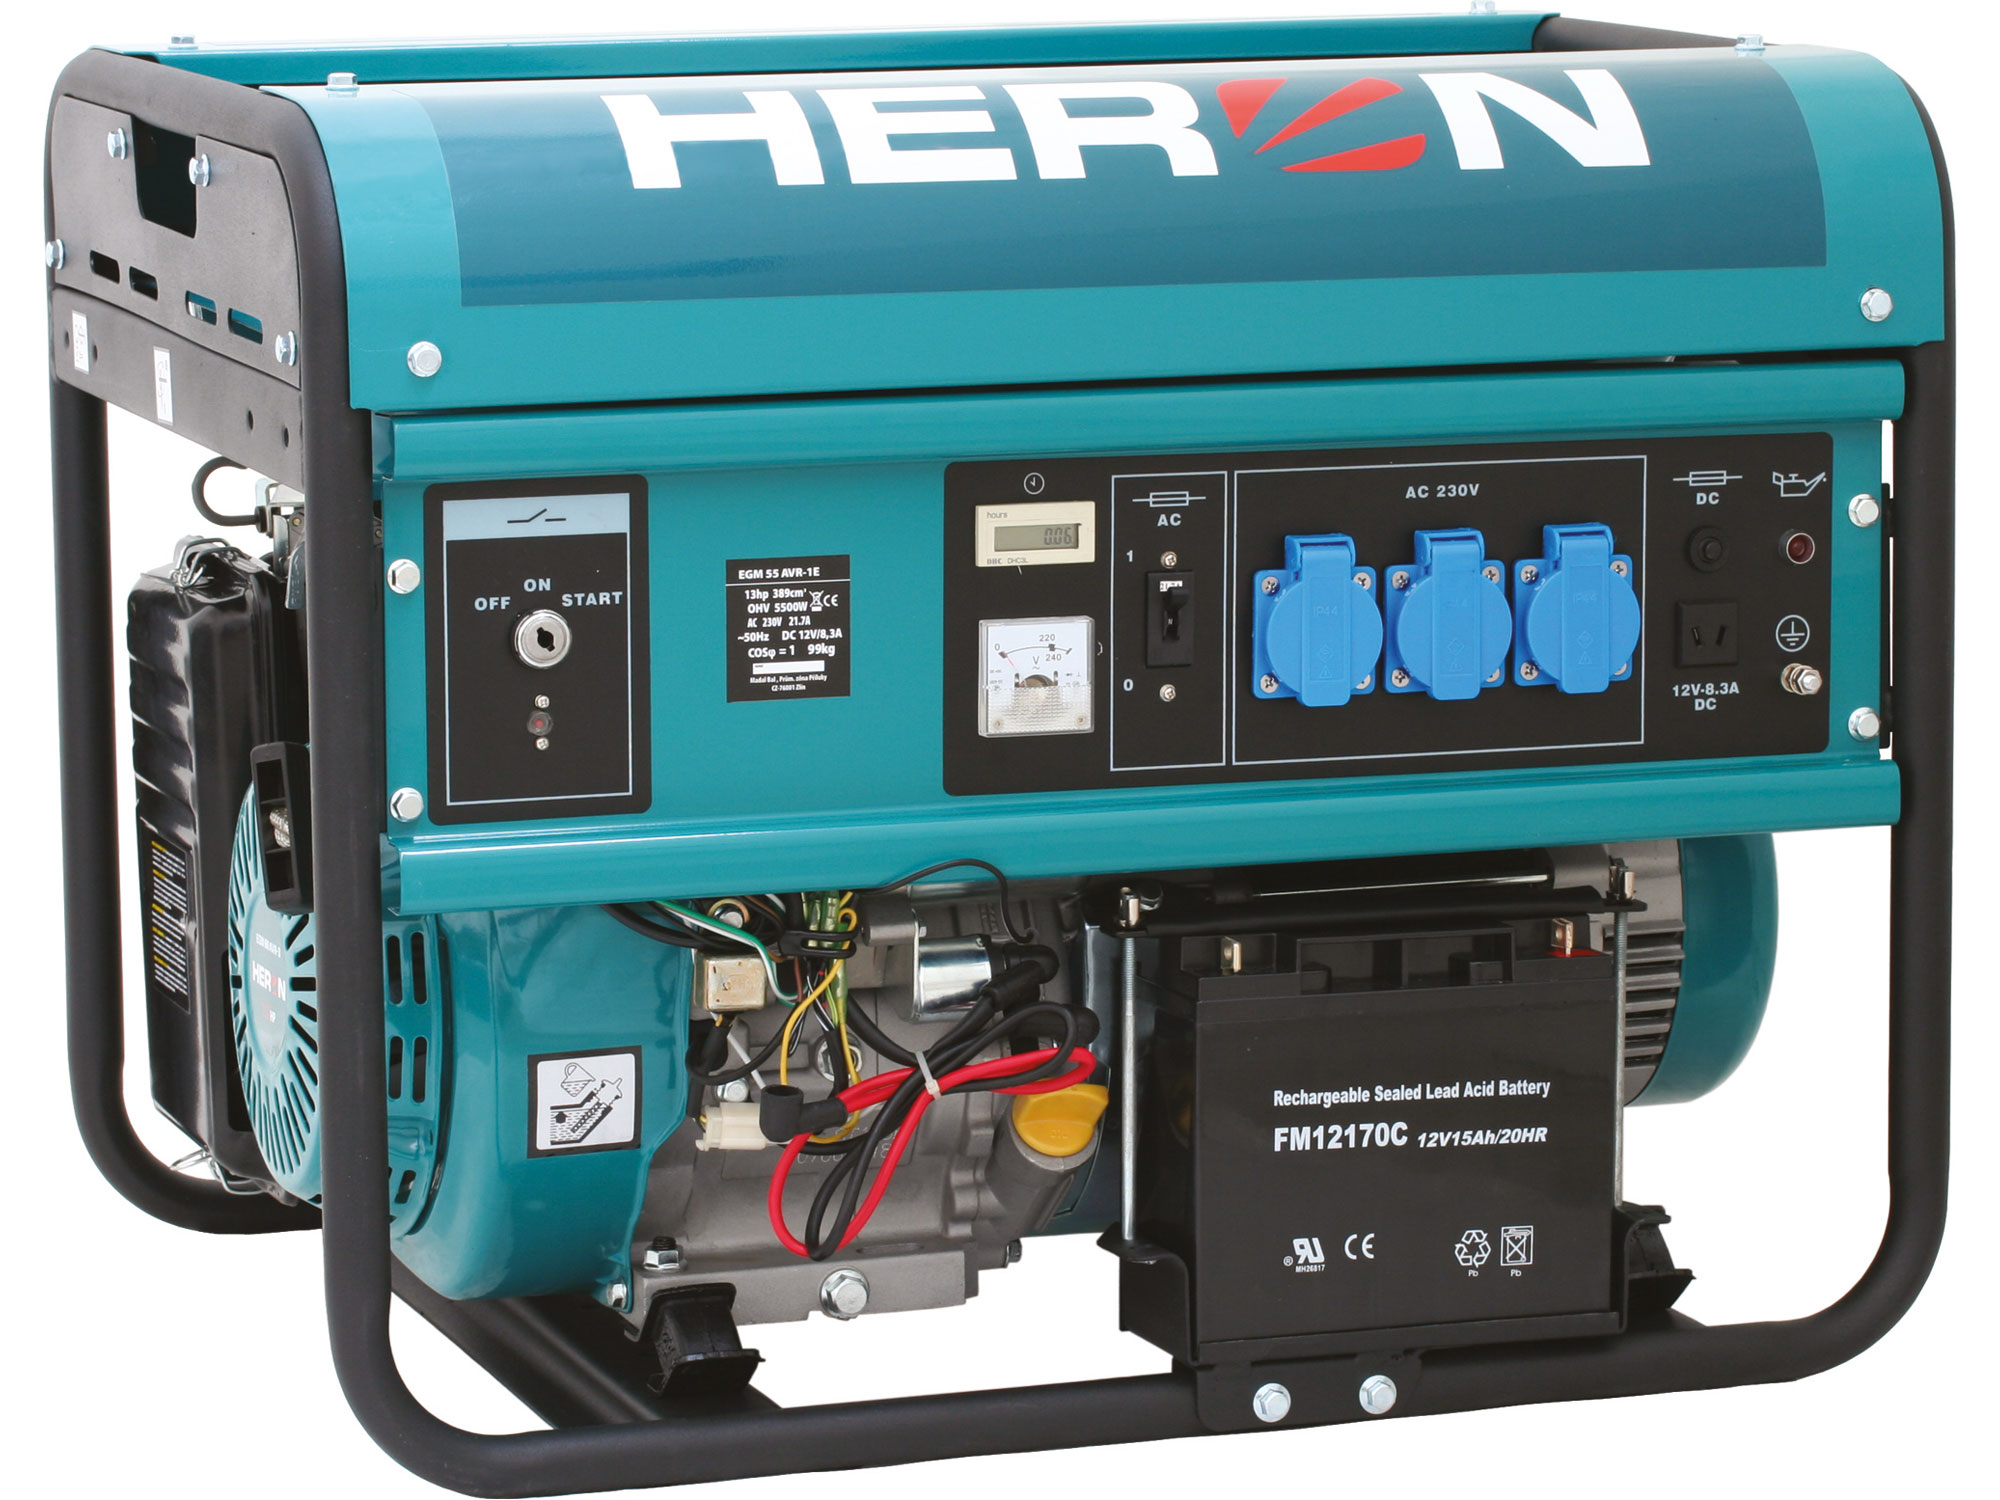 ZRUŠENO! Nahrazeno výrobkem 8896415, elektrocentrála benzínová 13HP/5,5kW, pro svařování, elektrický start